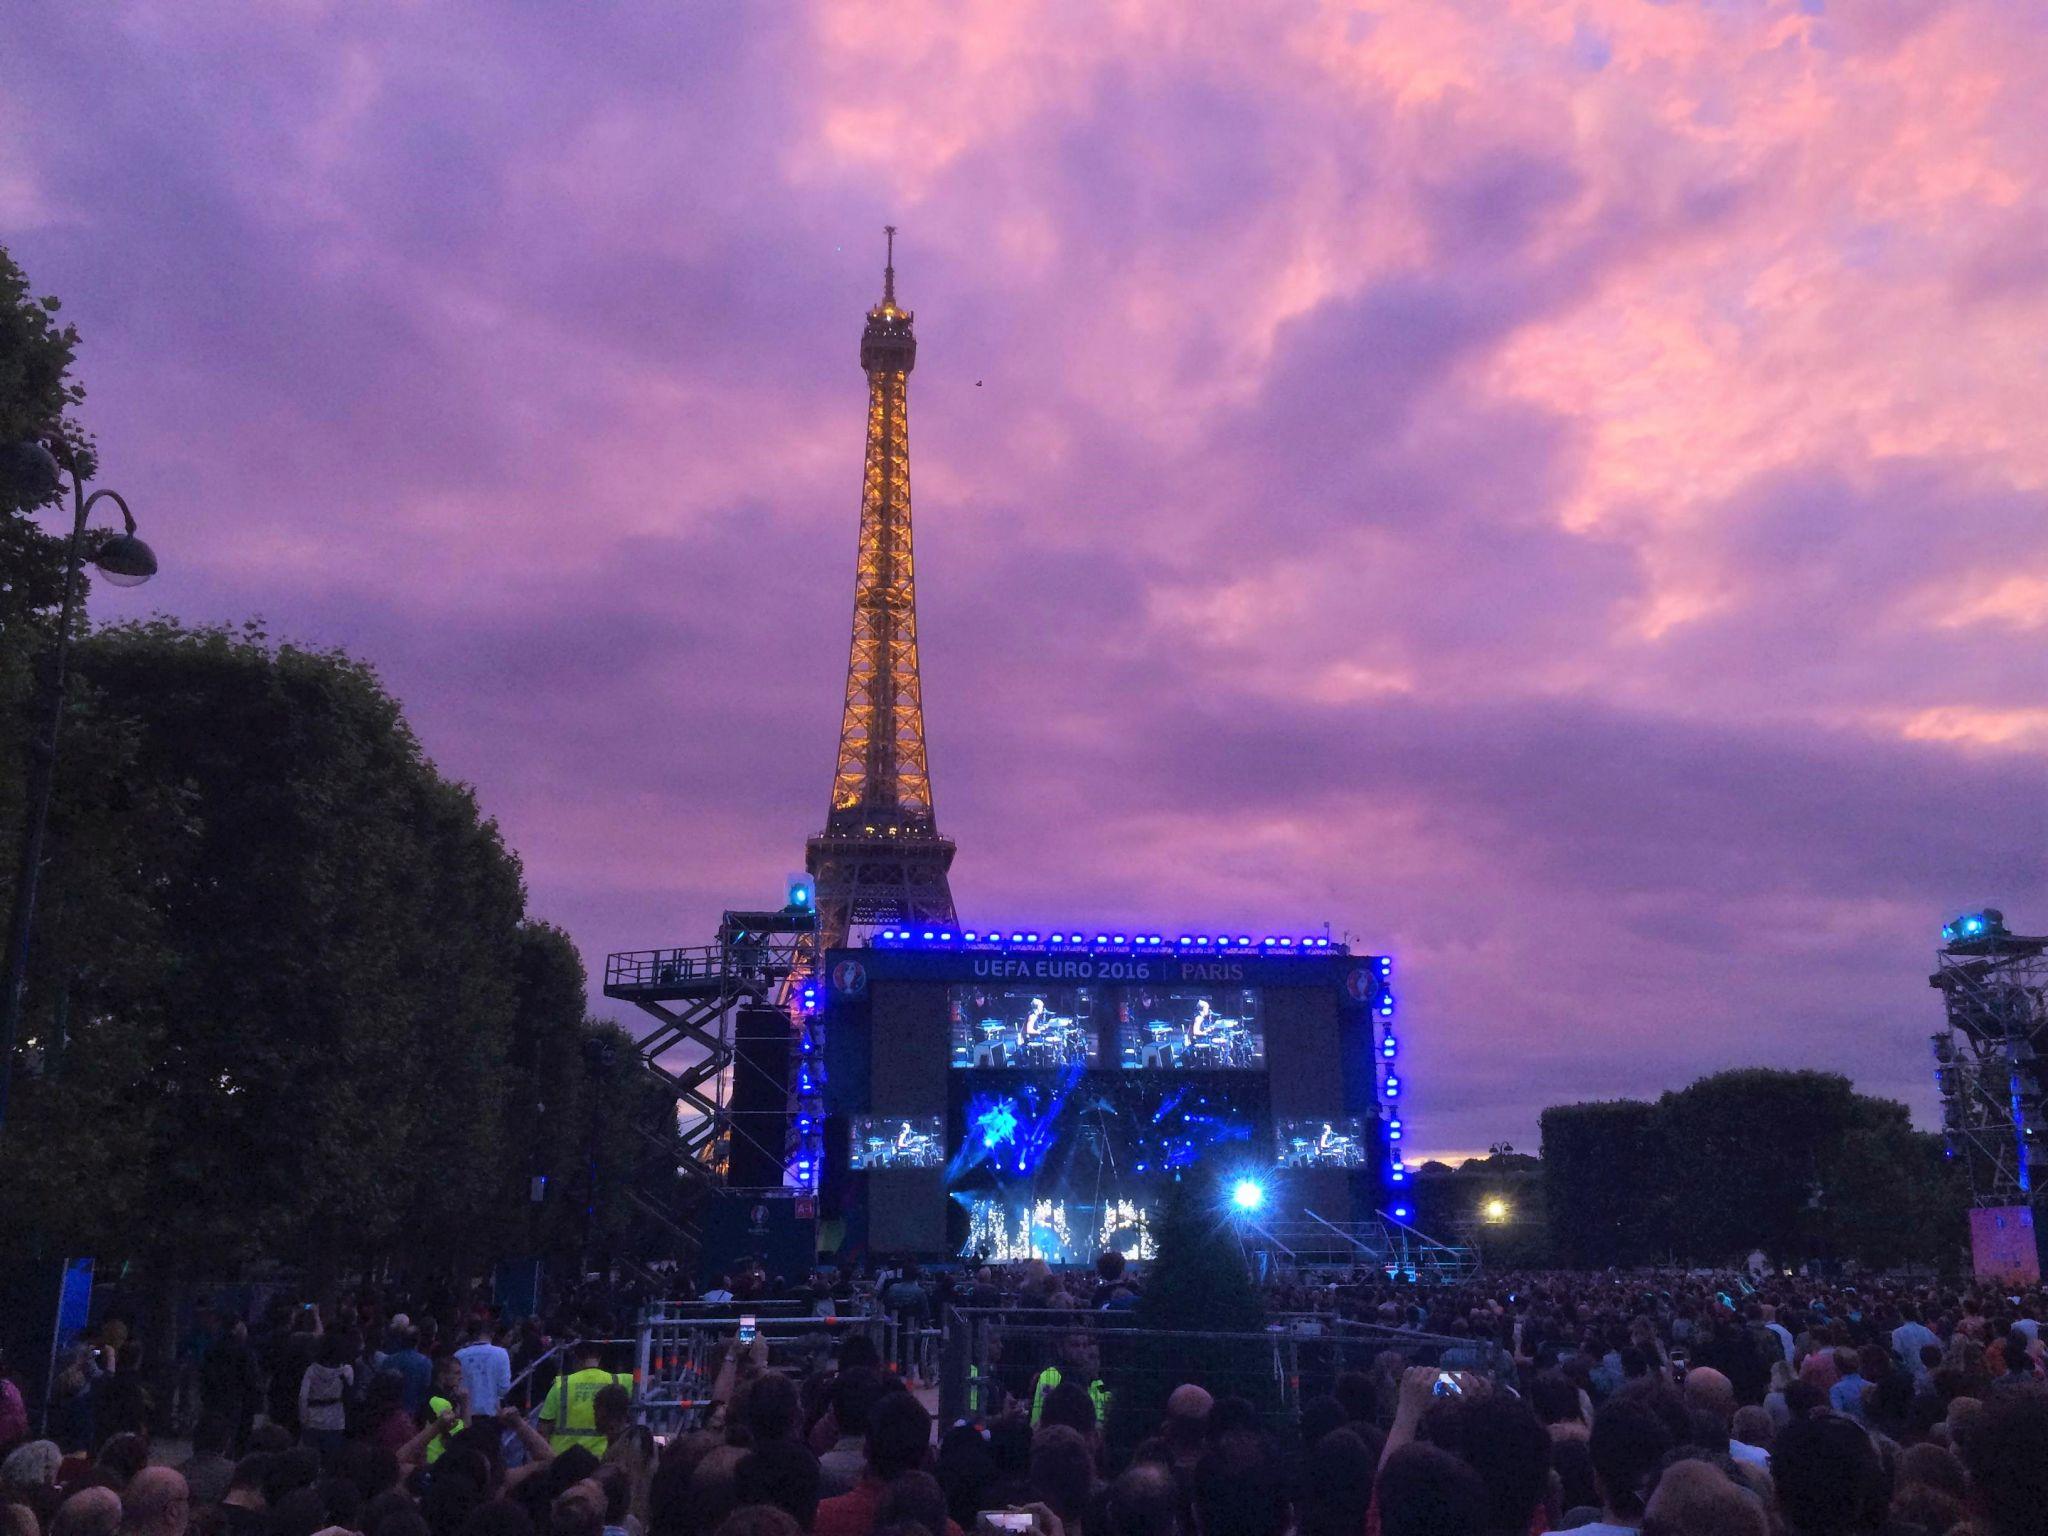 Muse Concert - Paris 28/06/2016, France